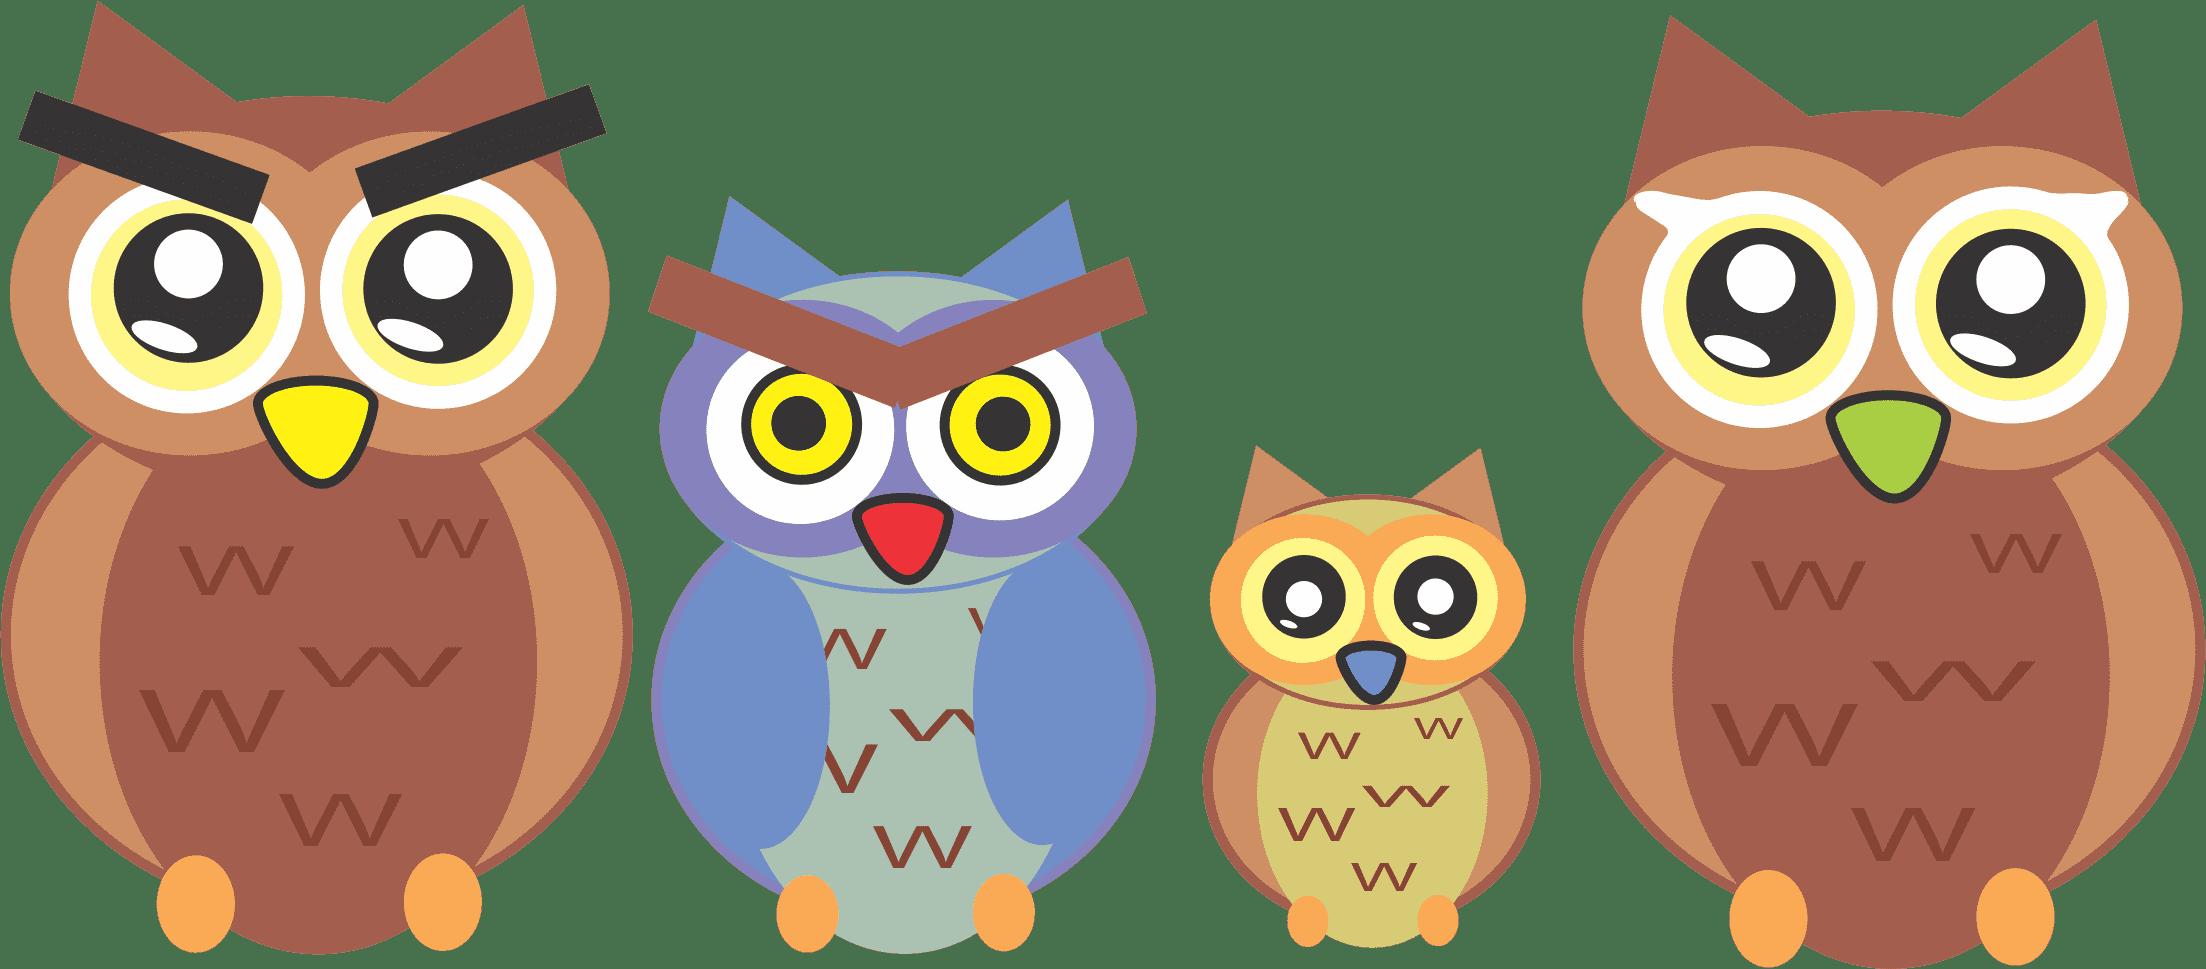 Membuat Gambar Burung Hantu  Siswapedia